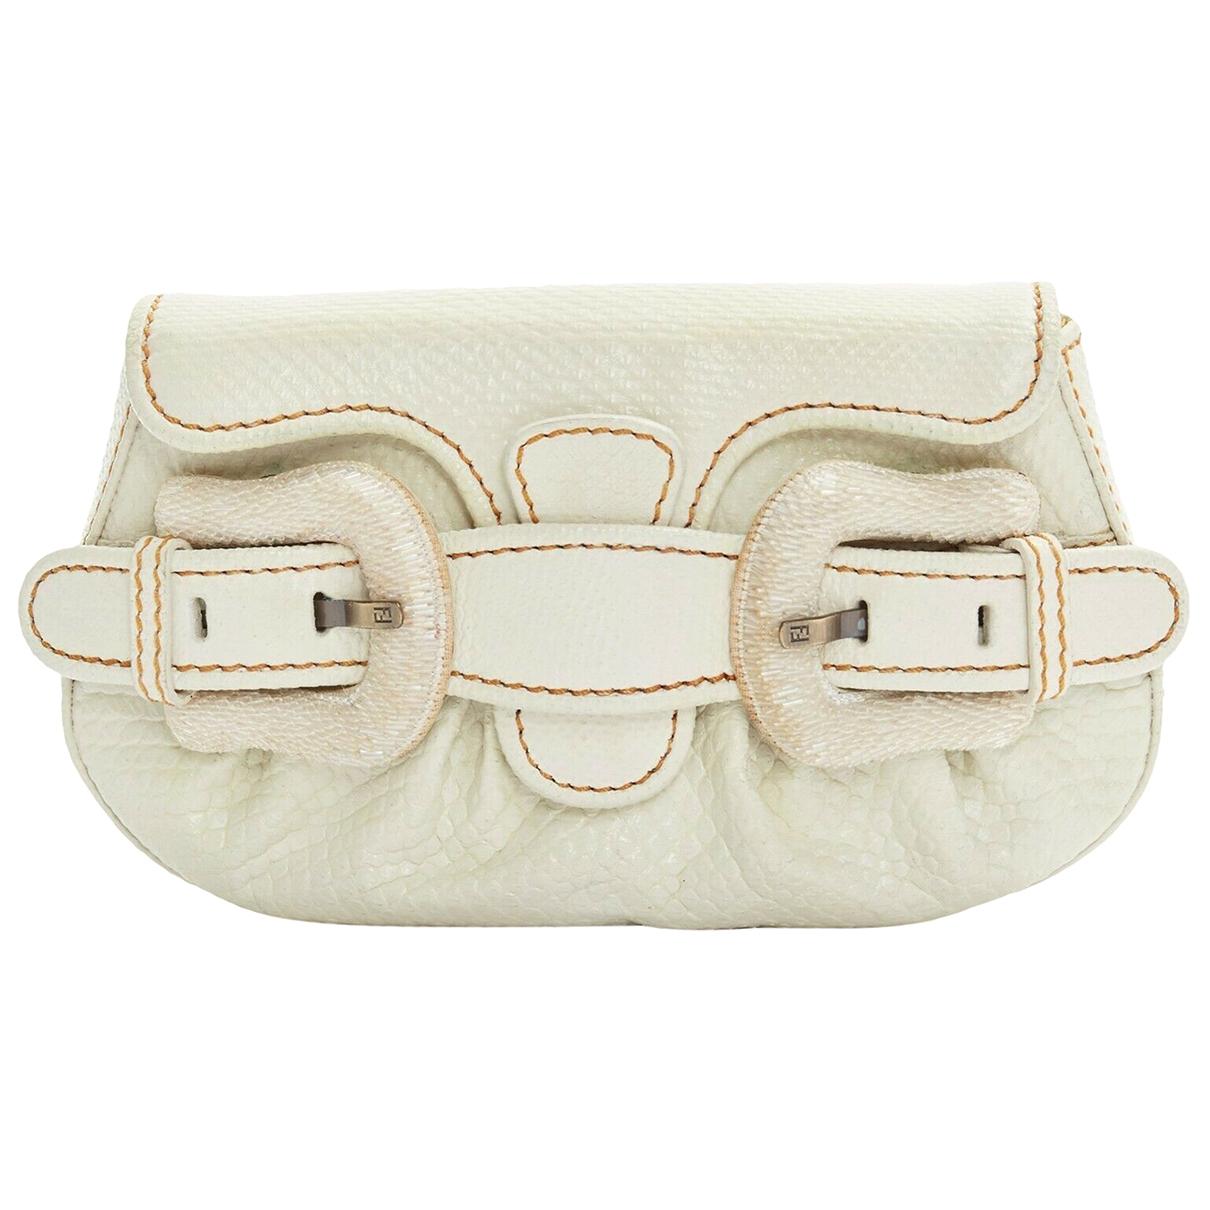 Fendi \N White Python Clutch bag for Women \N